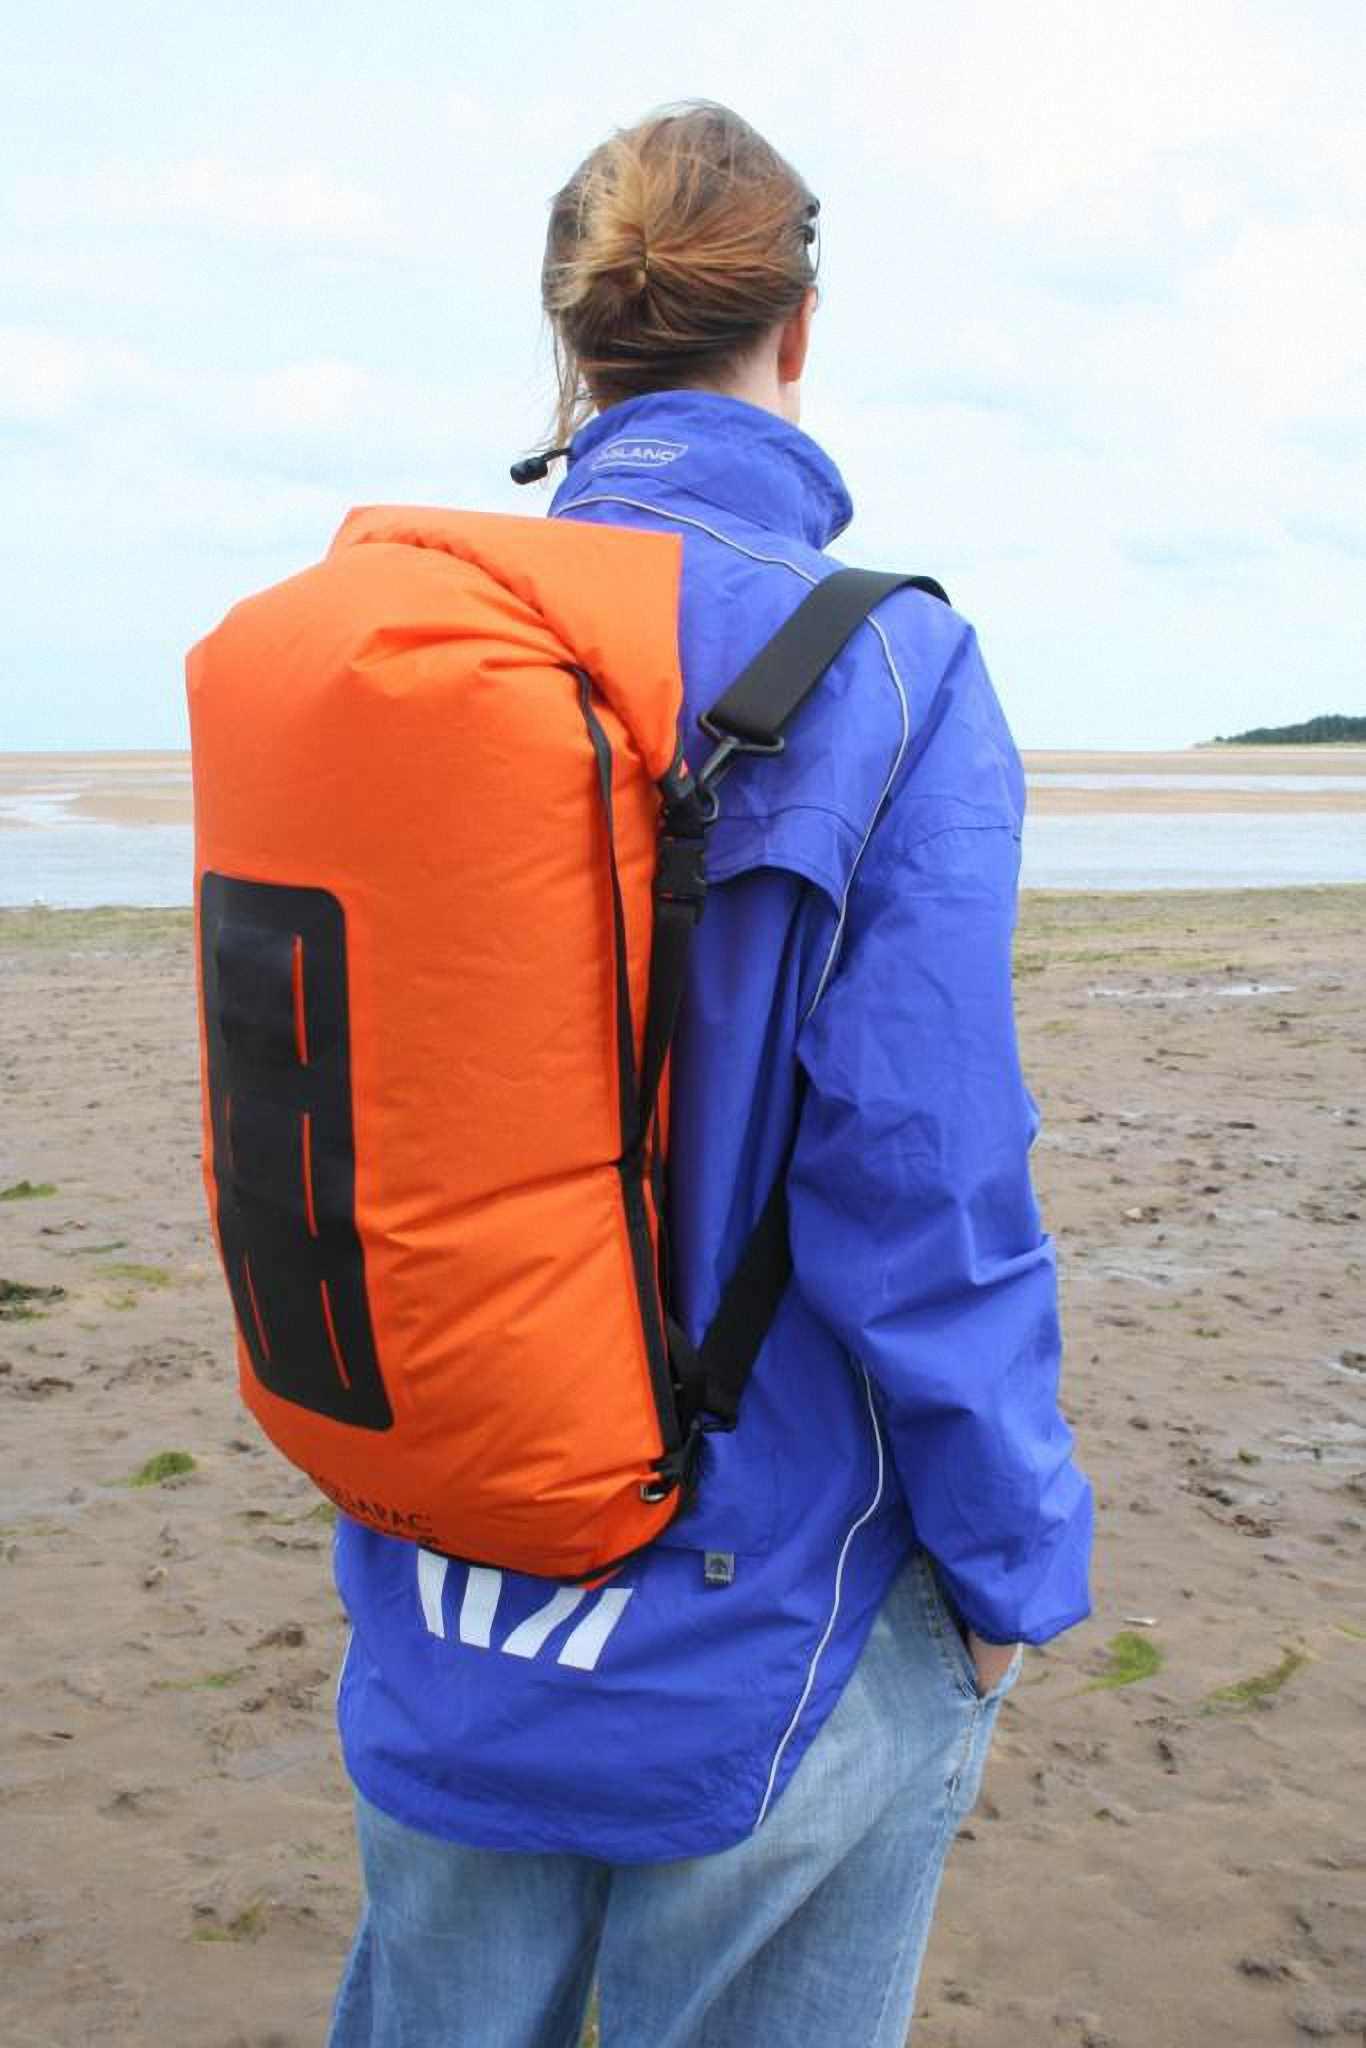 Водонепроницаемый гермомешок-рюкзак (с двумя плечевыми ремнями) Aquapac 771 - Noatak Wet & Drybag - 25L.. Aquapac - №1 в мире водонепроницаемых чехлов и сумок. Фото 3